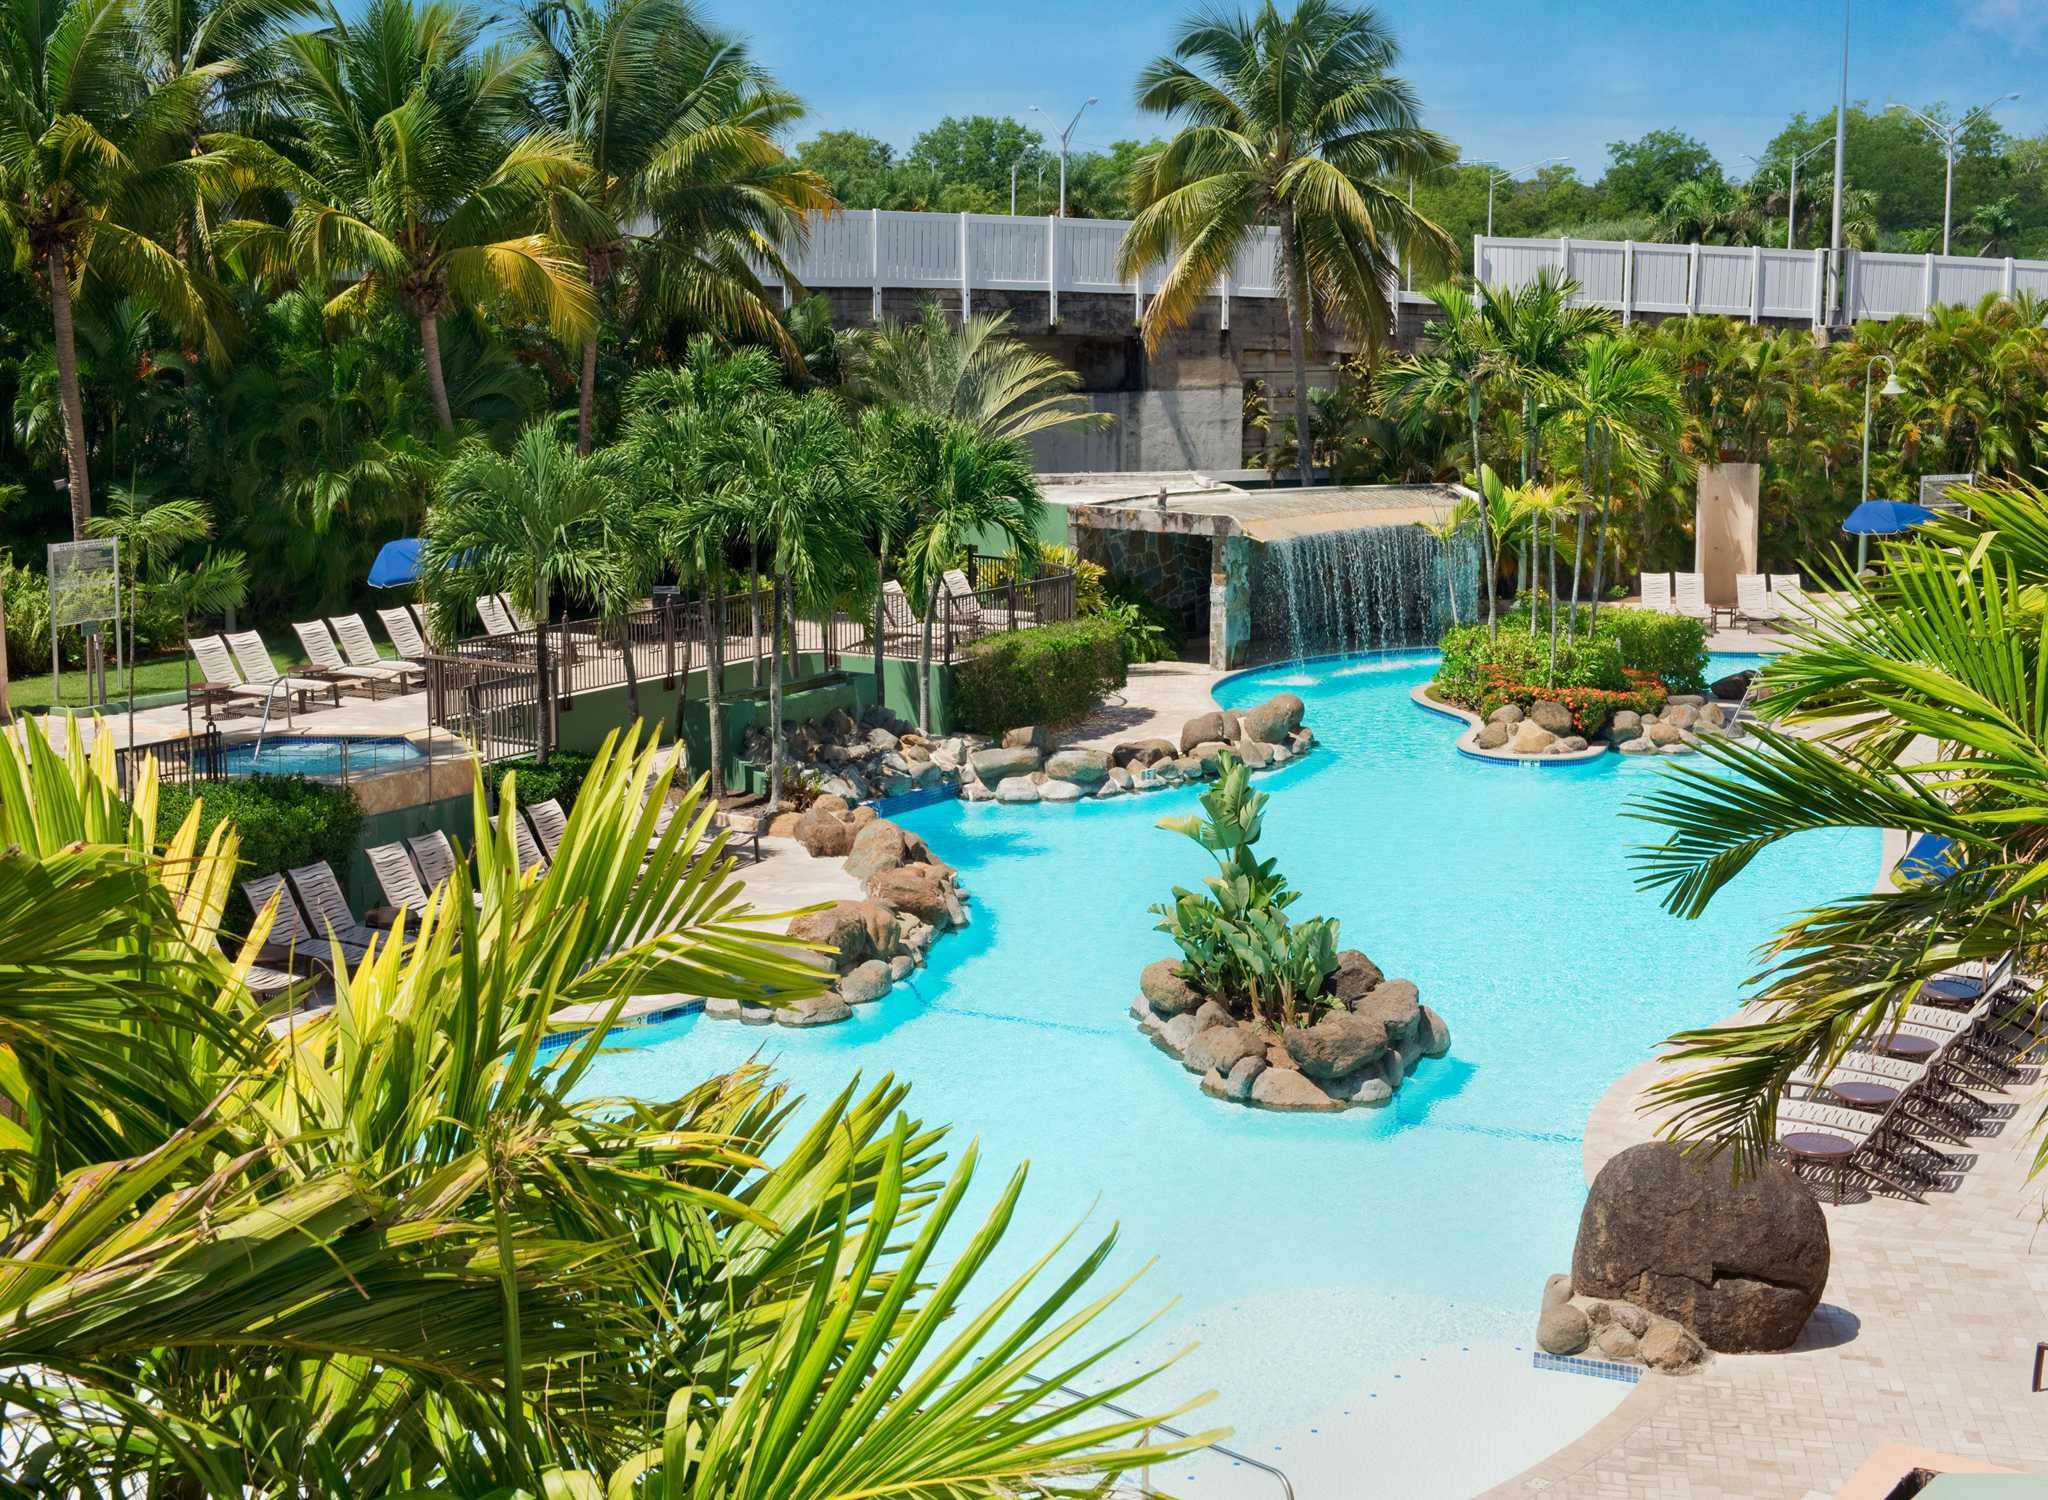 Hoteles en puerto rico san juan hilton worldwide for Piscinas de san juan